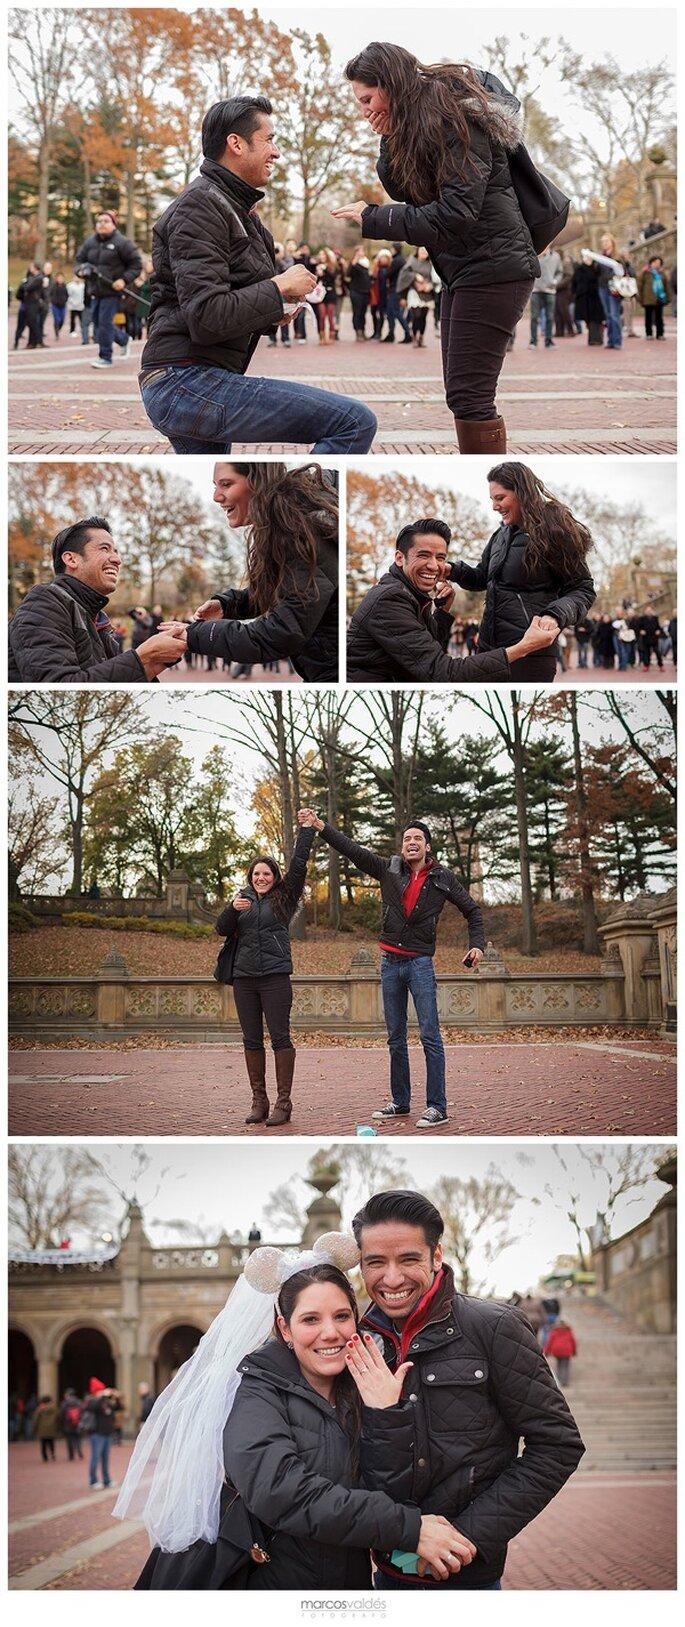 Romántico compromiso de Luisa y Guillermo en Central Park, Nueva York - Foto Marcos Valdés